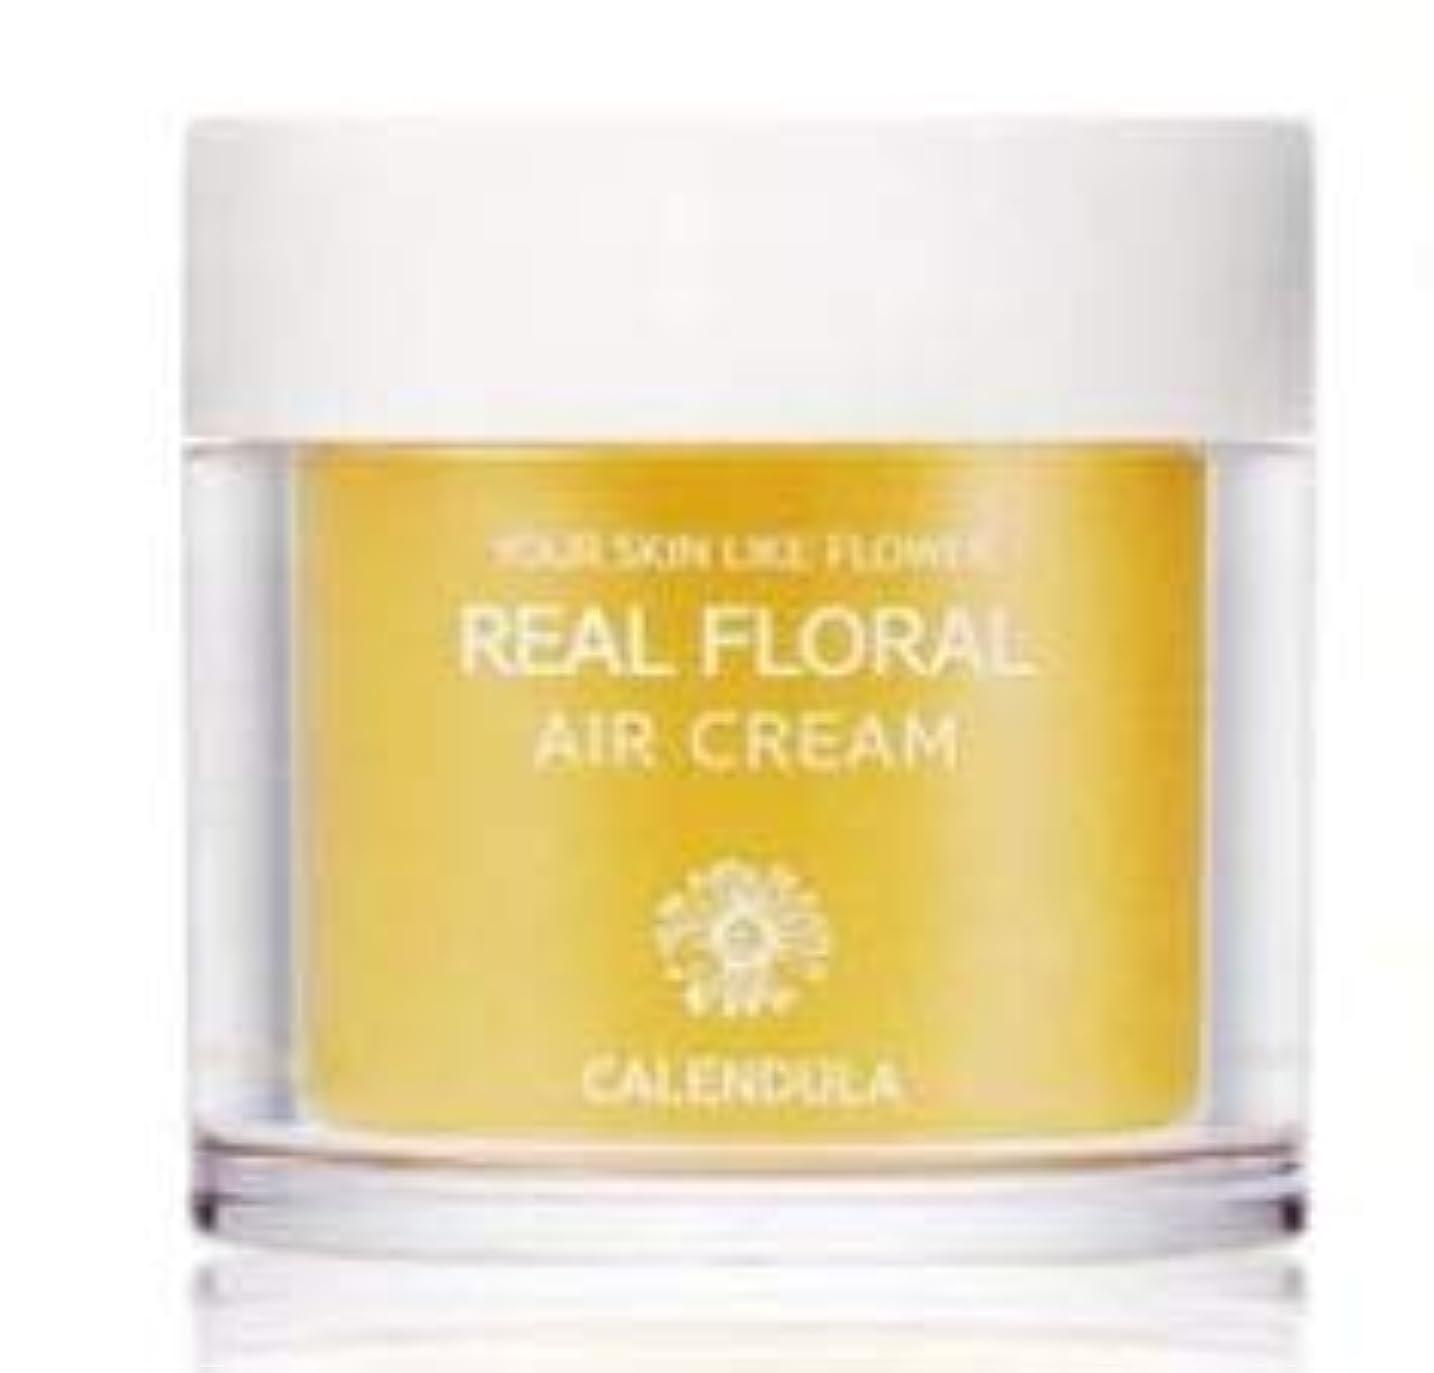 放つ略すパラシュートNATURAL PACIFIC Real Floral Air Cream 100ml (Calendula) /ナチュラルパシフィック リアル カレンデュラ エア クリーム 100ml [並行輸入品]